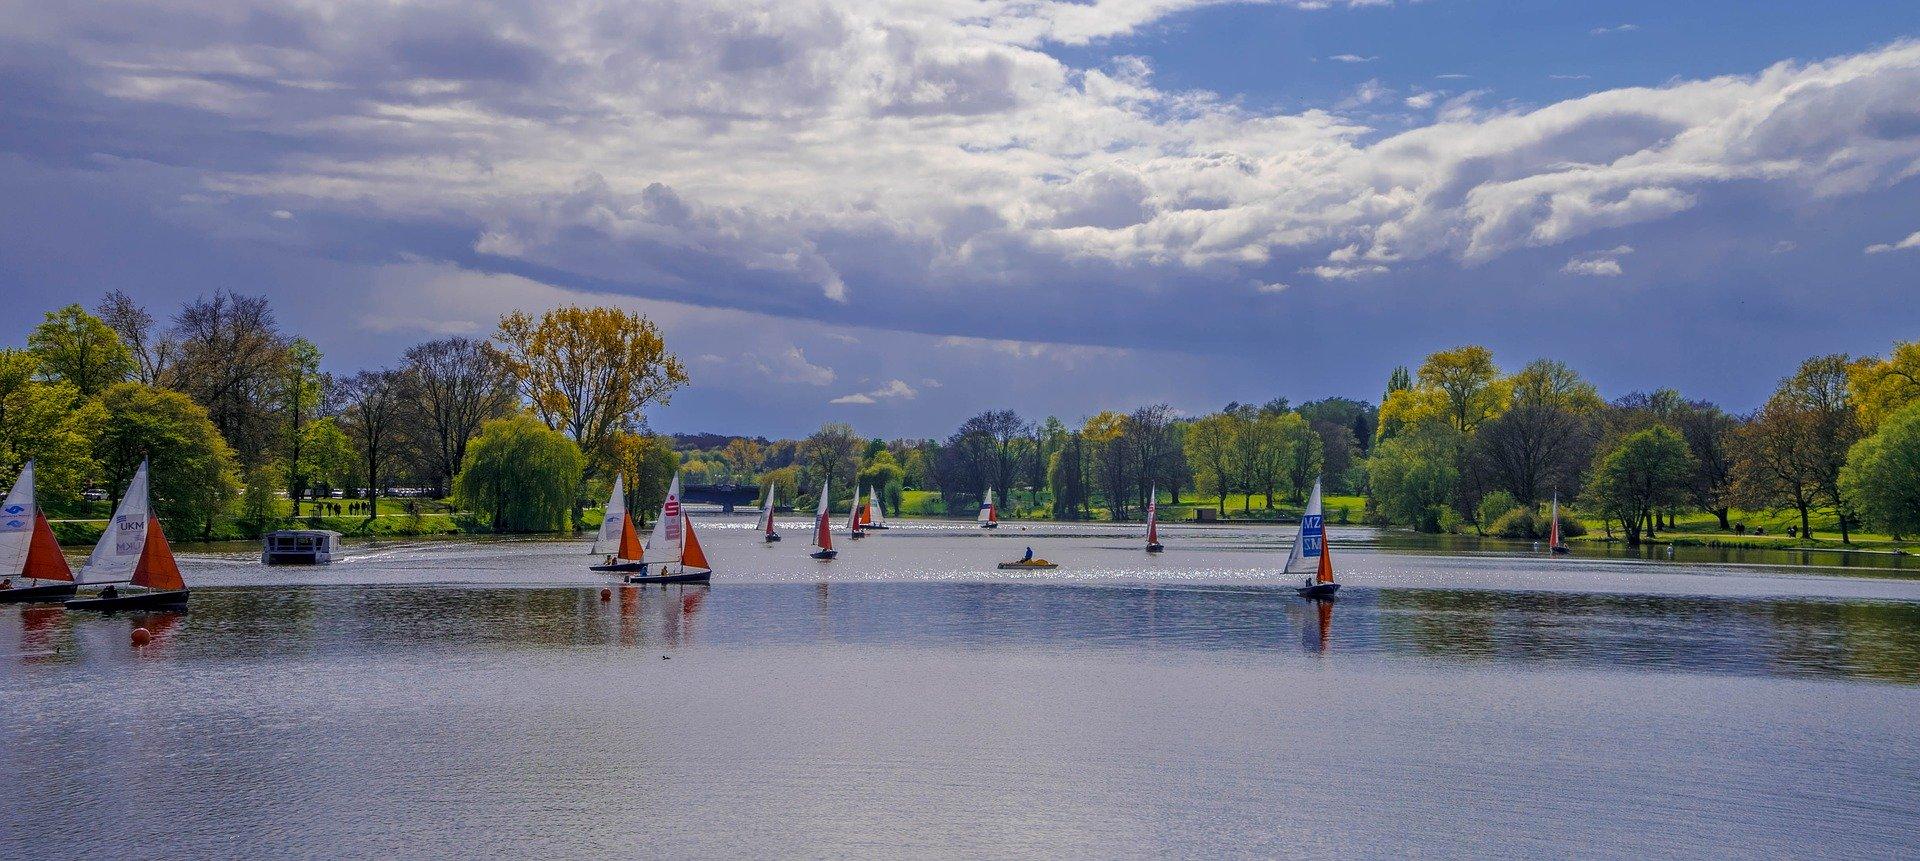 Zeilbootjes op de Aasee bij Muenster